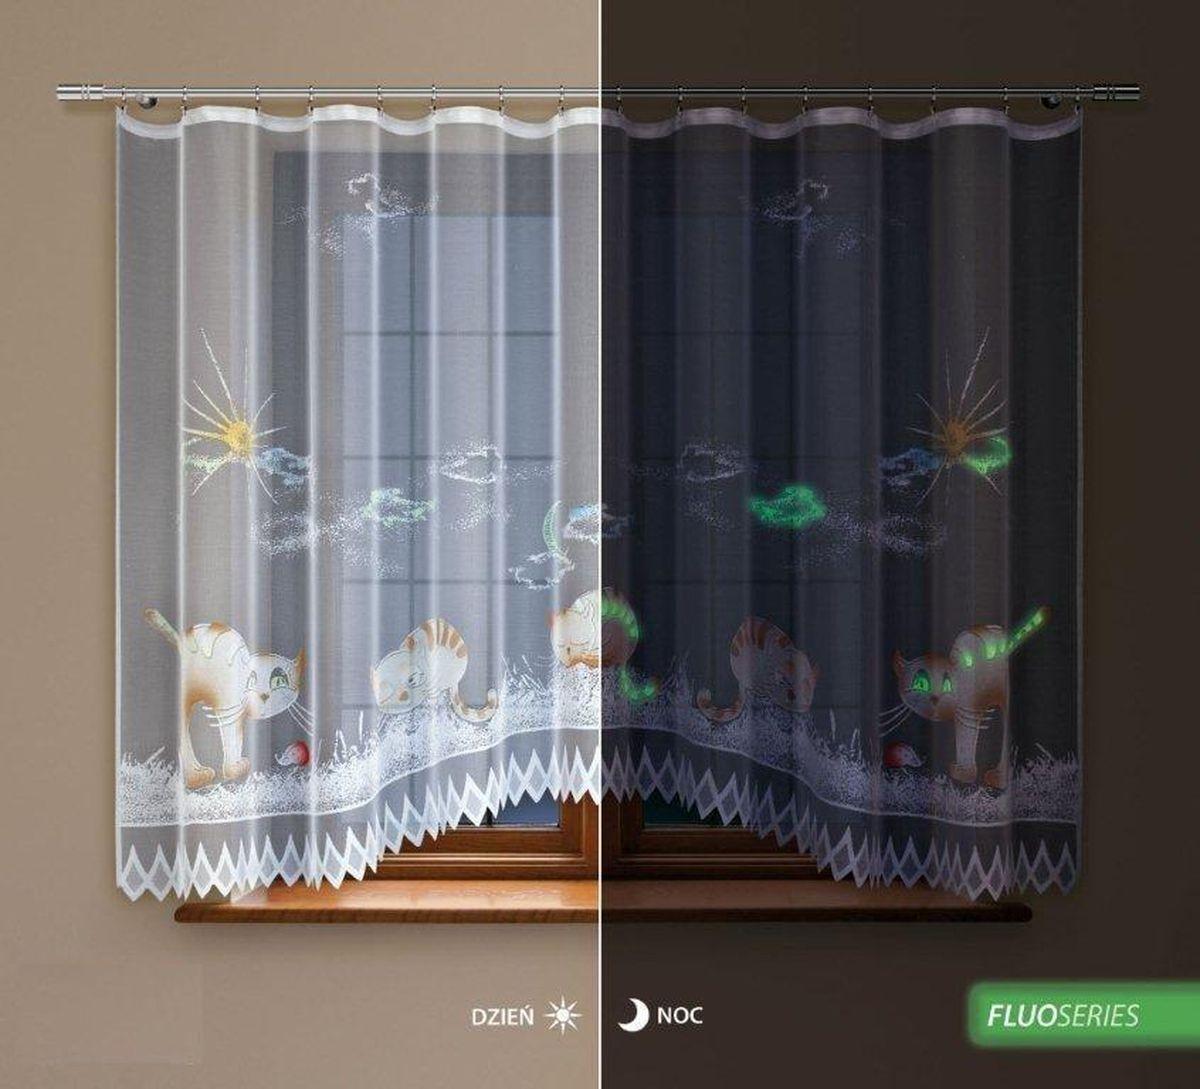 Гардина Haft Silver Line, флуоресцентная, цвет: белый, высота 160 см. 218440/160с 3248 w191w191 v12Гардина Haft Silver Line изготовлена из полиэстера. Изделие выполнено из сетчатого материала и украшено рисунком ручной раскраски, который светится ночью. Оригинальный дизайн и приятная цветовая гамма привлекут к себе внимание и органично впишутся в интерьер кухни. Оригинальное оформление гардины внесет разнообразие и подарит заряд положительного настроения. Гардина оснащена шторной лентой для красивой сборки.Размер гардины: 300 см х 160 см. Главный ассортимент компании Haft - это тюль и занавески. Haft предлагает готовые решения для ваших окон, выпуская готовые наборы штор, которые остается только распаковать и повесить. Модельный ряд отличает оригинальный дизайн, высокое качество. Занавески, шторы, гардины Haft долговечны, прочны, практически не сминаемы, они не притягивают пыль и за ними легко ухаживать. Вся продукция бренда Haft выполнена на современном оборудовании из лучших материалов.